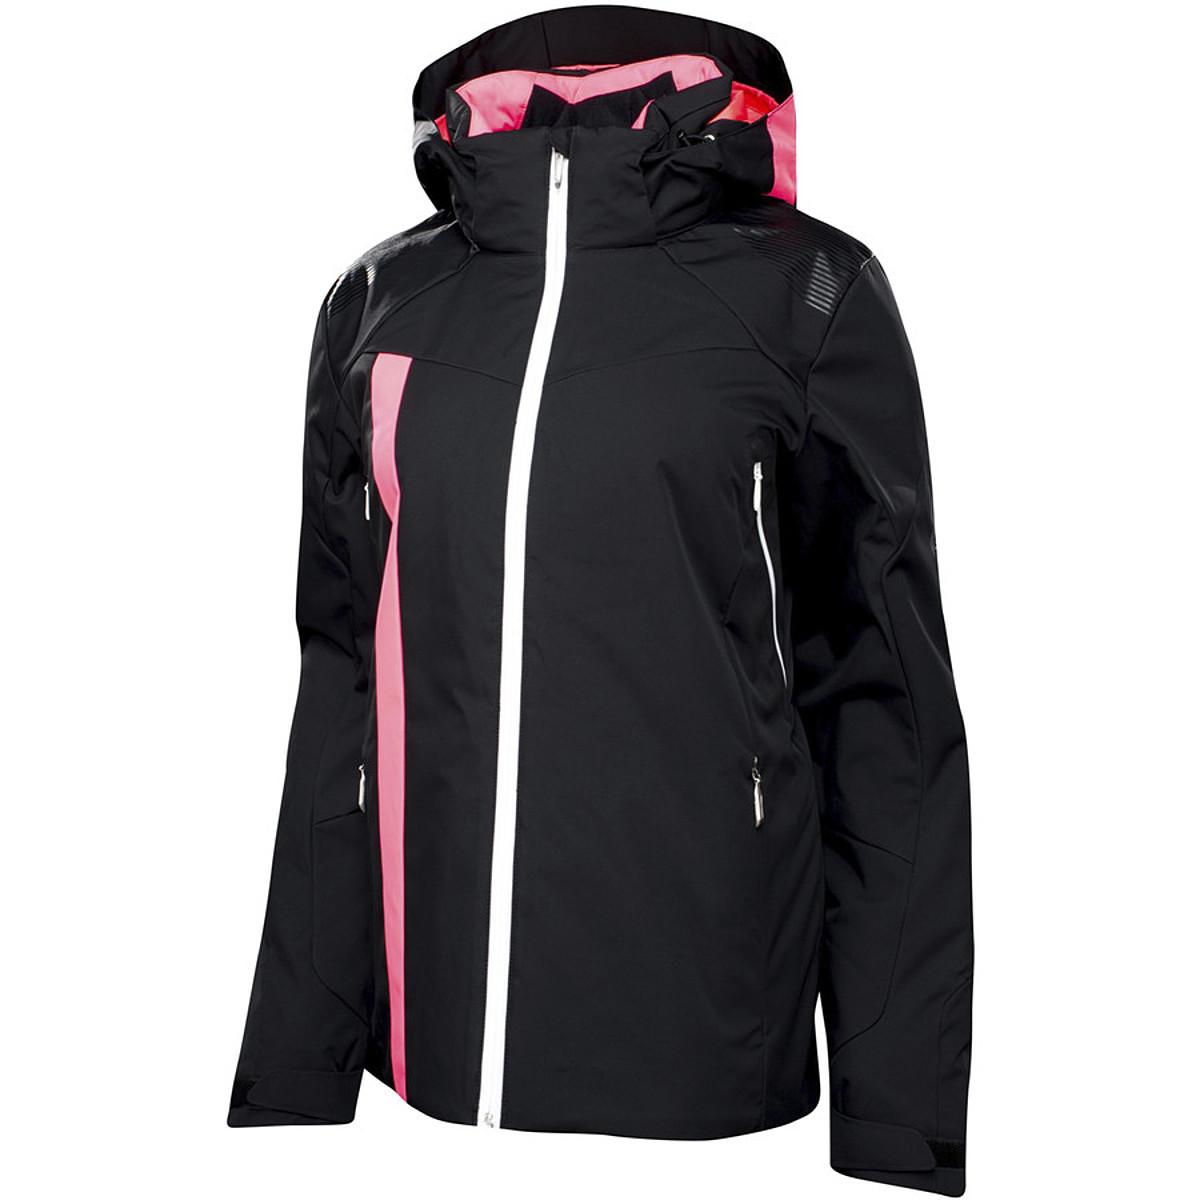 Spyder Temerity Jacket